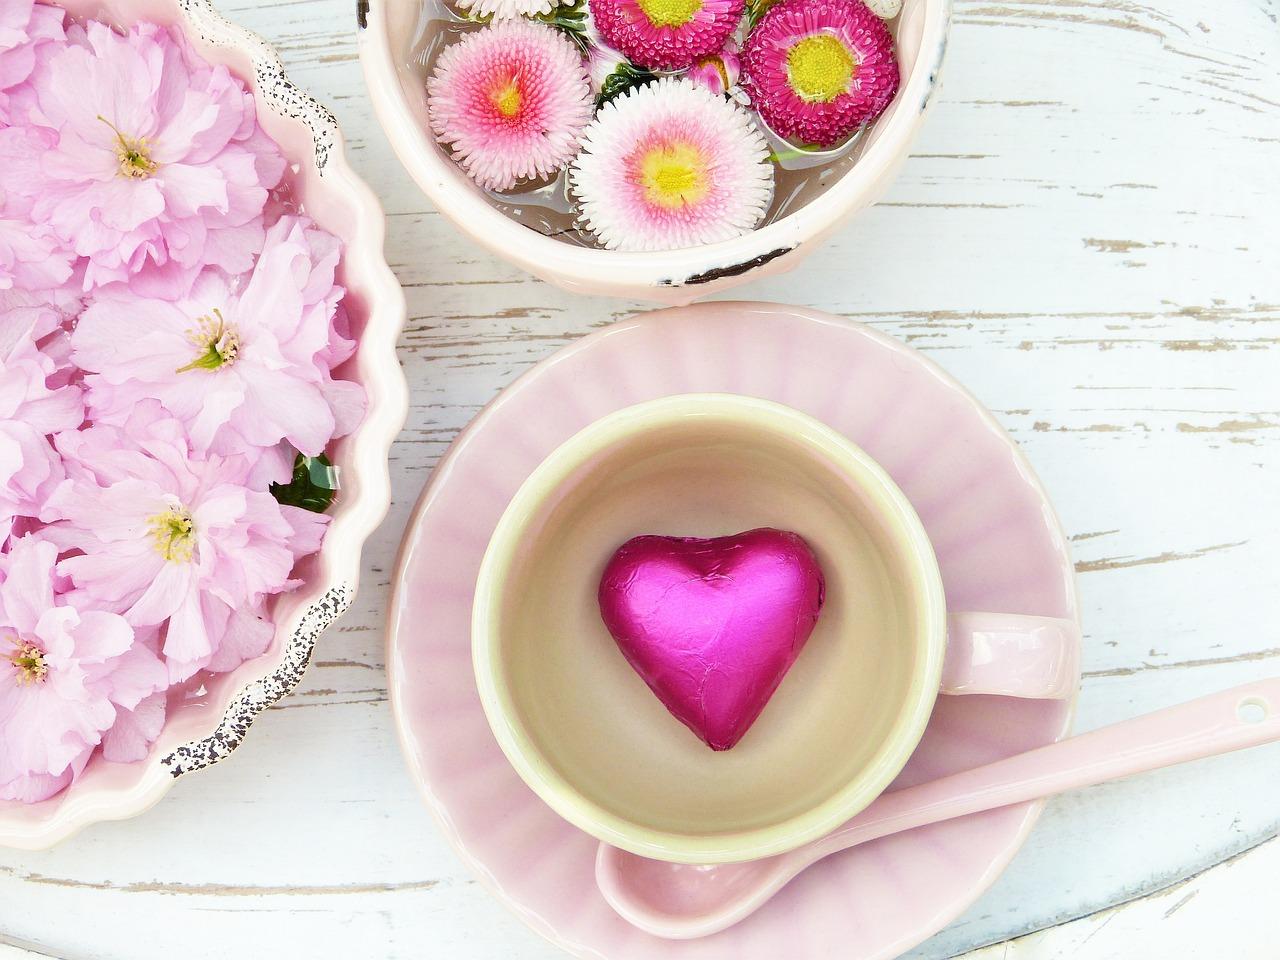 コーヒーカップの中のハート